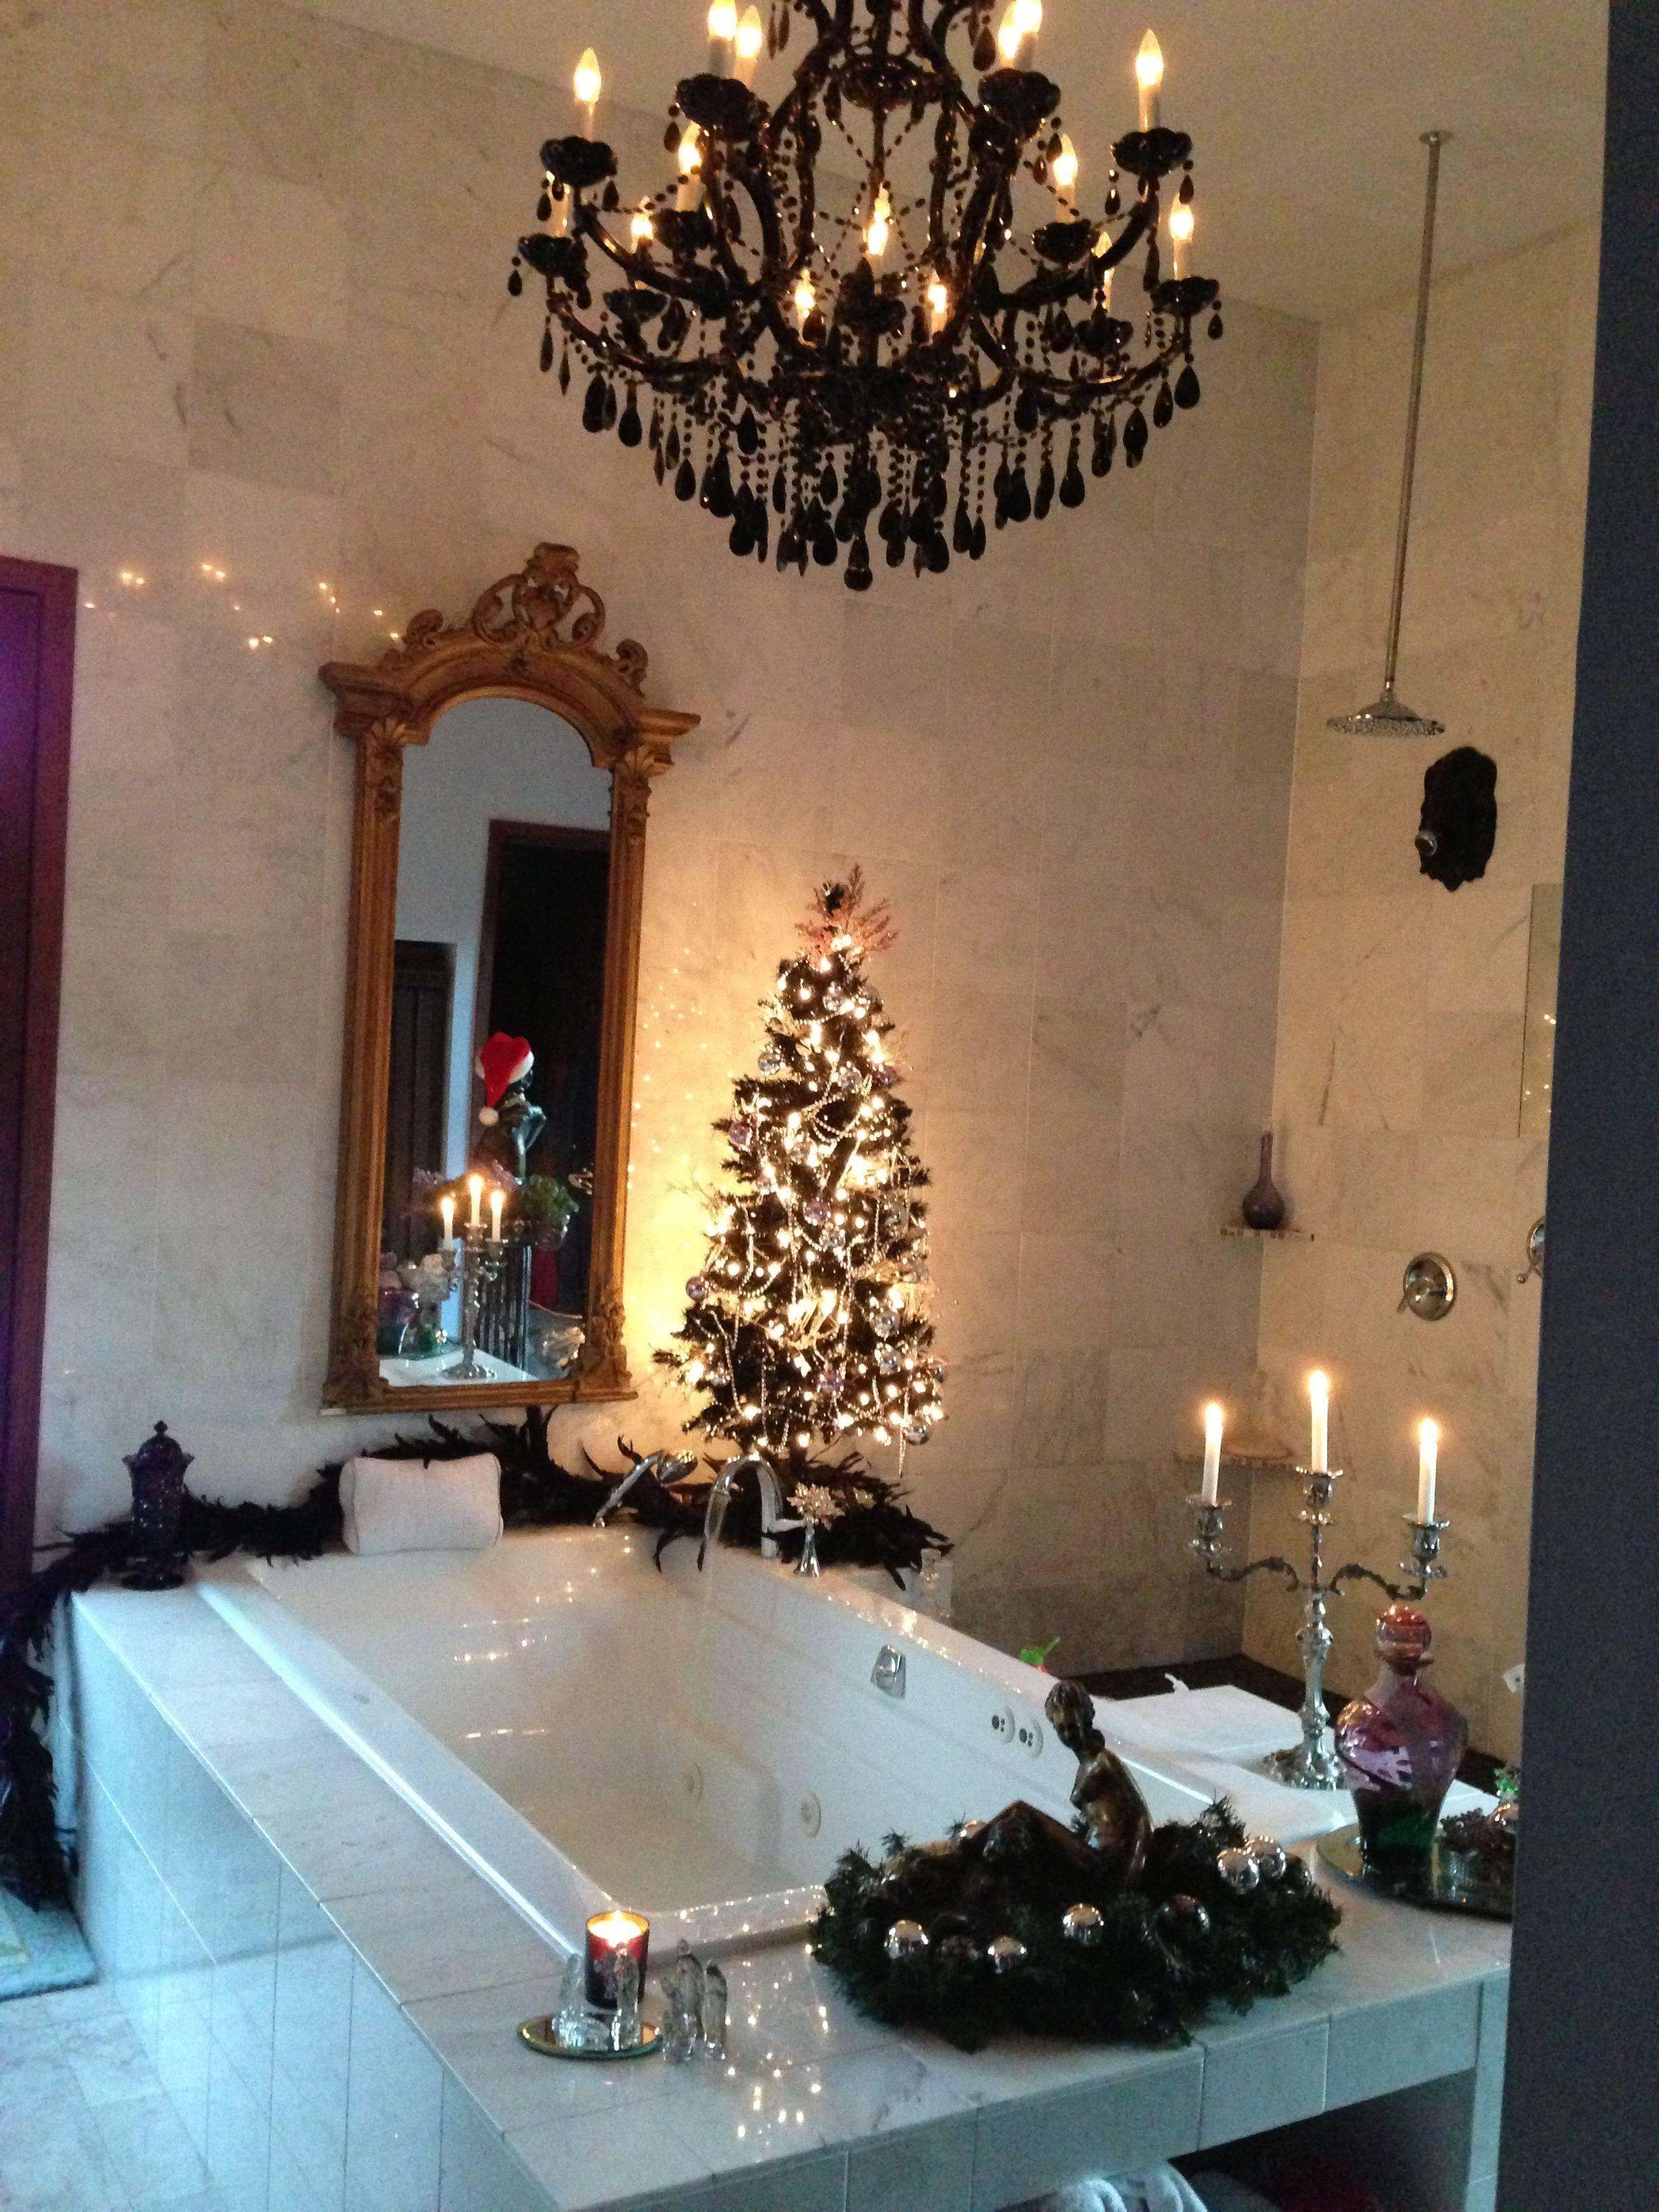 Christmas Bathroom Christmas Bathroom Holiday Wall Decor Christmas Bathroom Decor